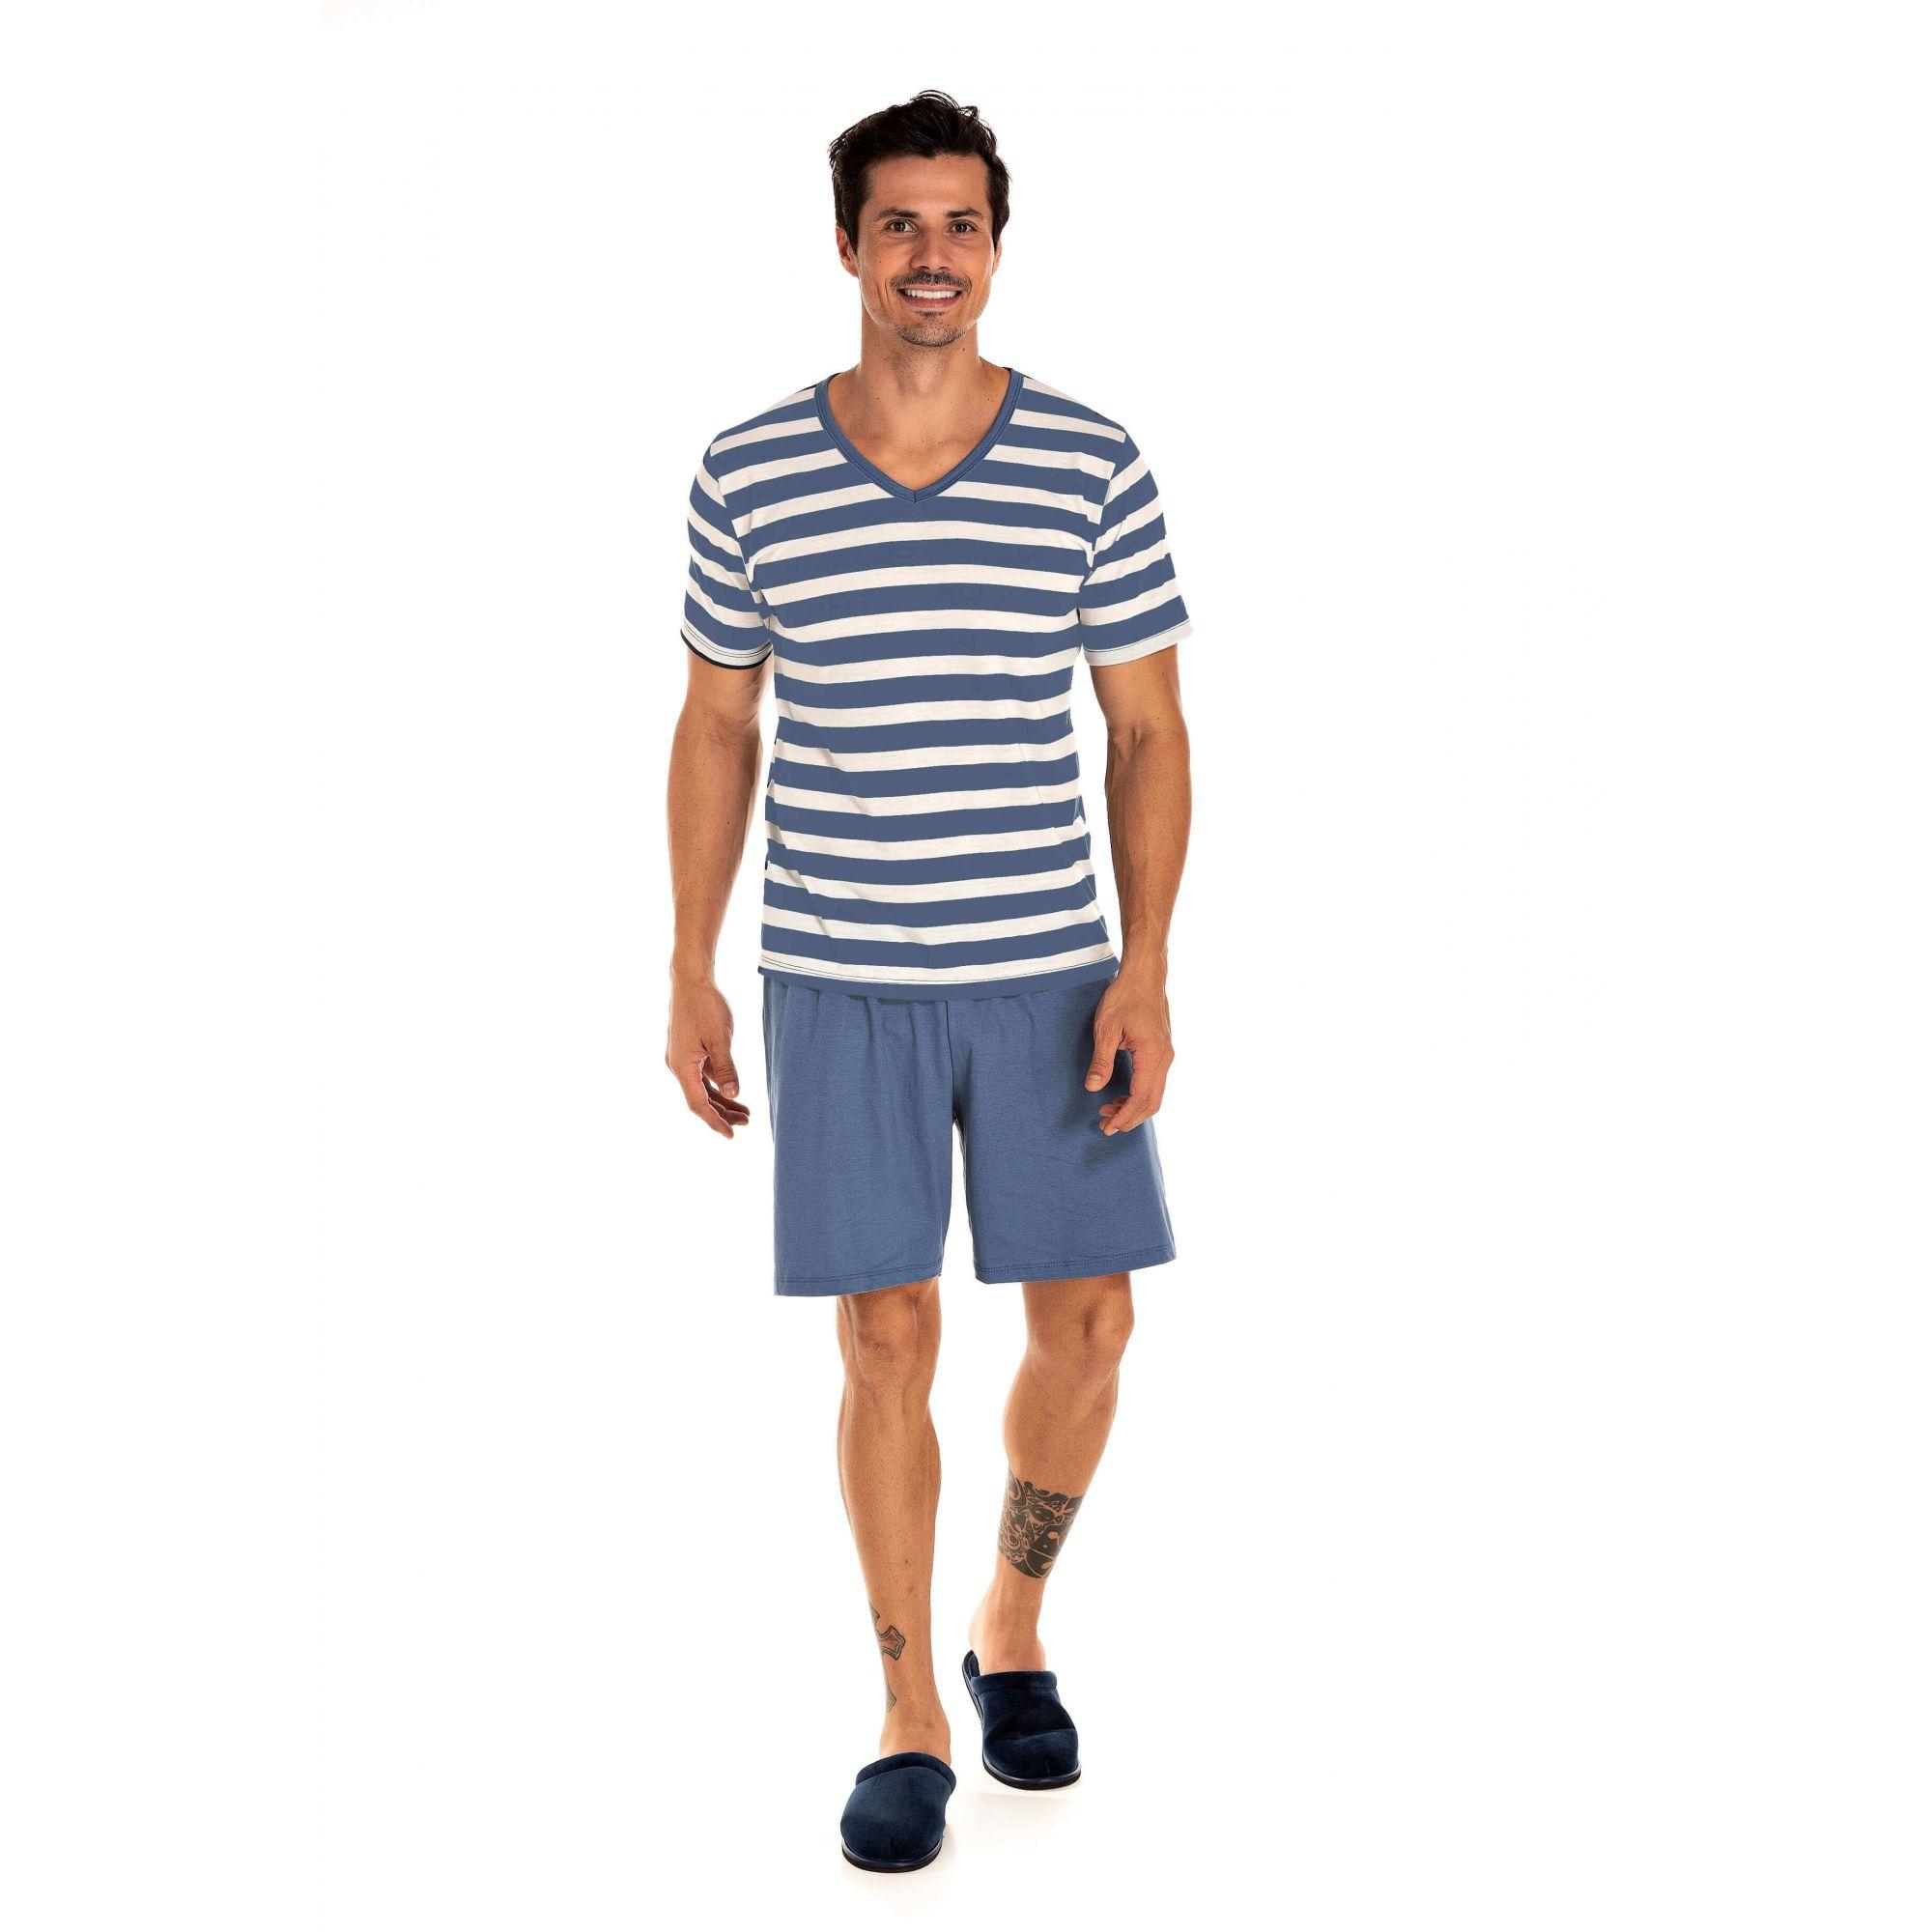 042 - Pijama Masculino Adulto Curto - Pai e Filho